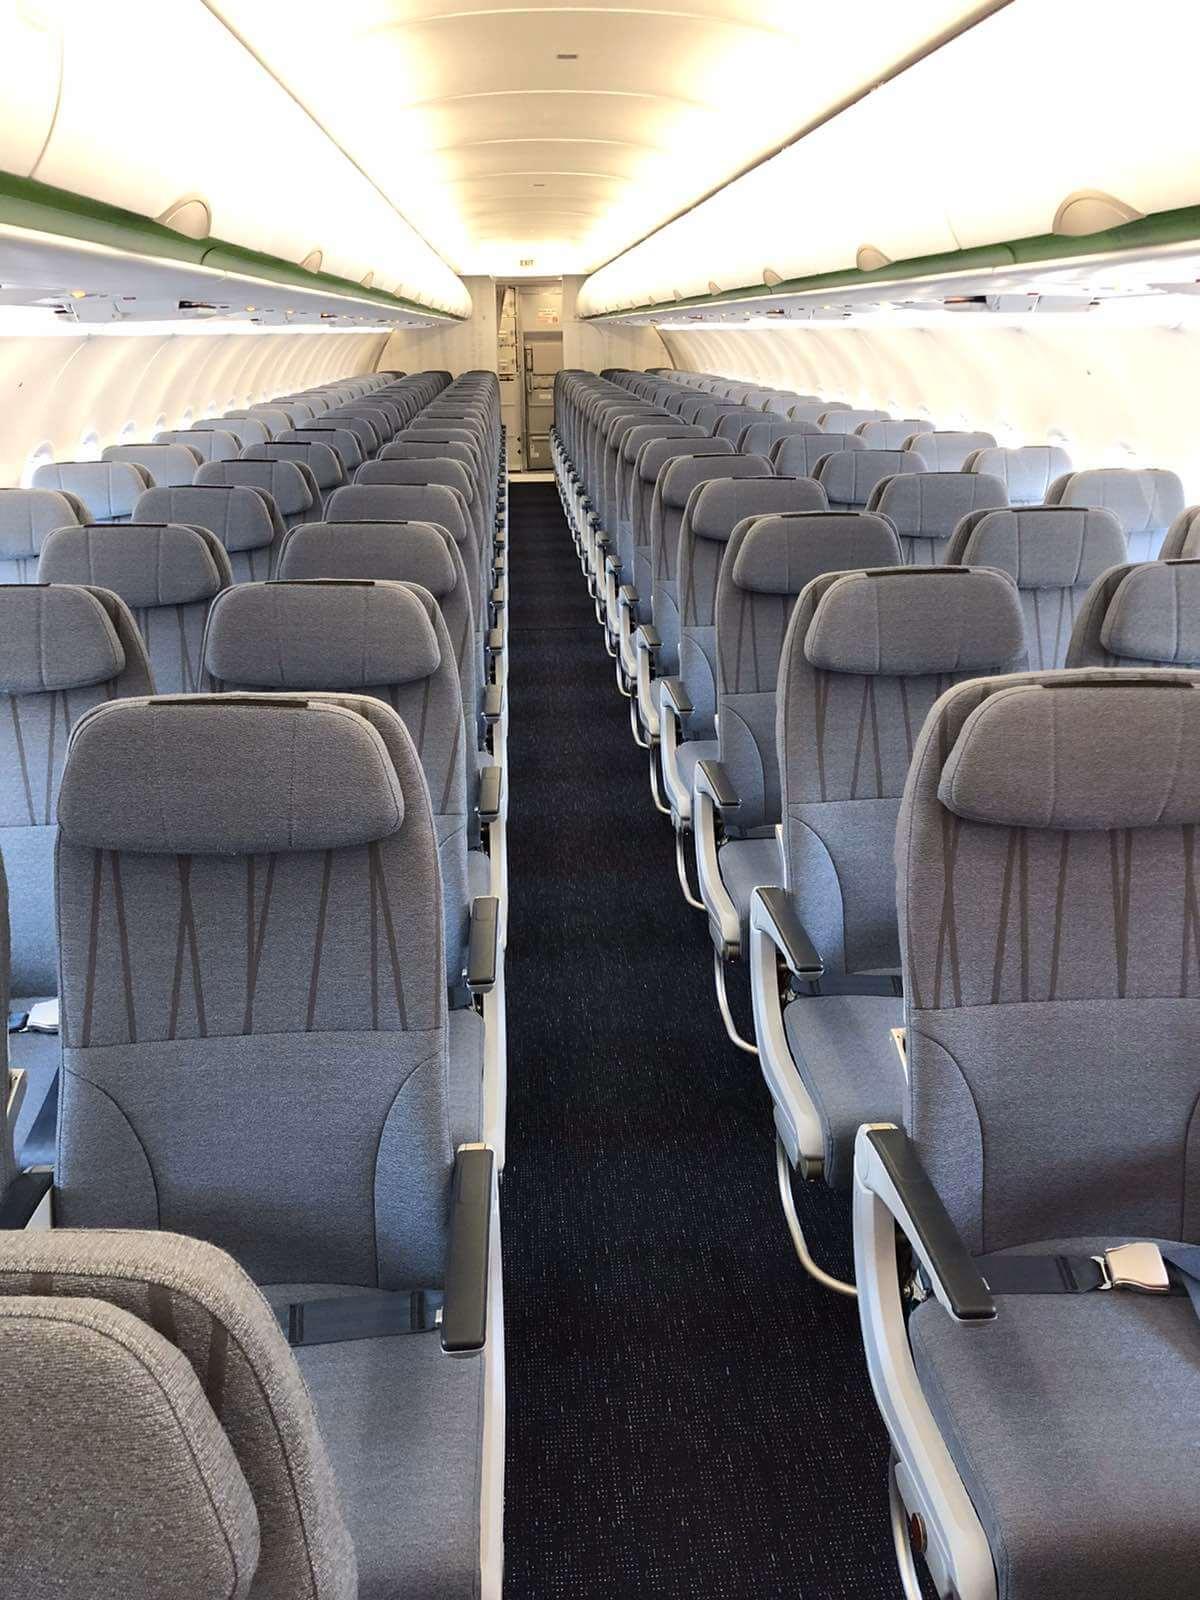 """Bamboo Airways đón máy bay Airbus A320neo đầu tiên trong chiếc áo """"Fly Green"""" ấn tượng  - Ảnh 4"""